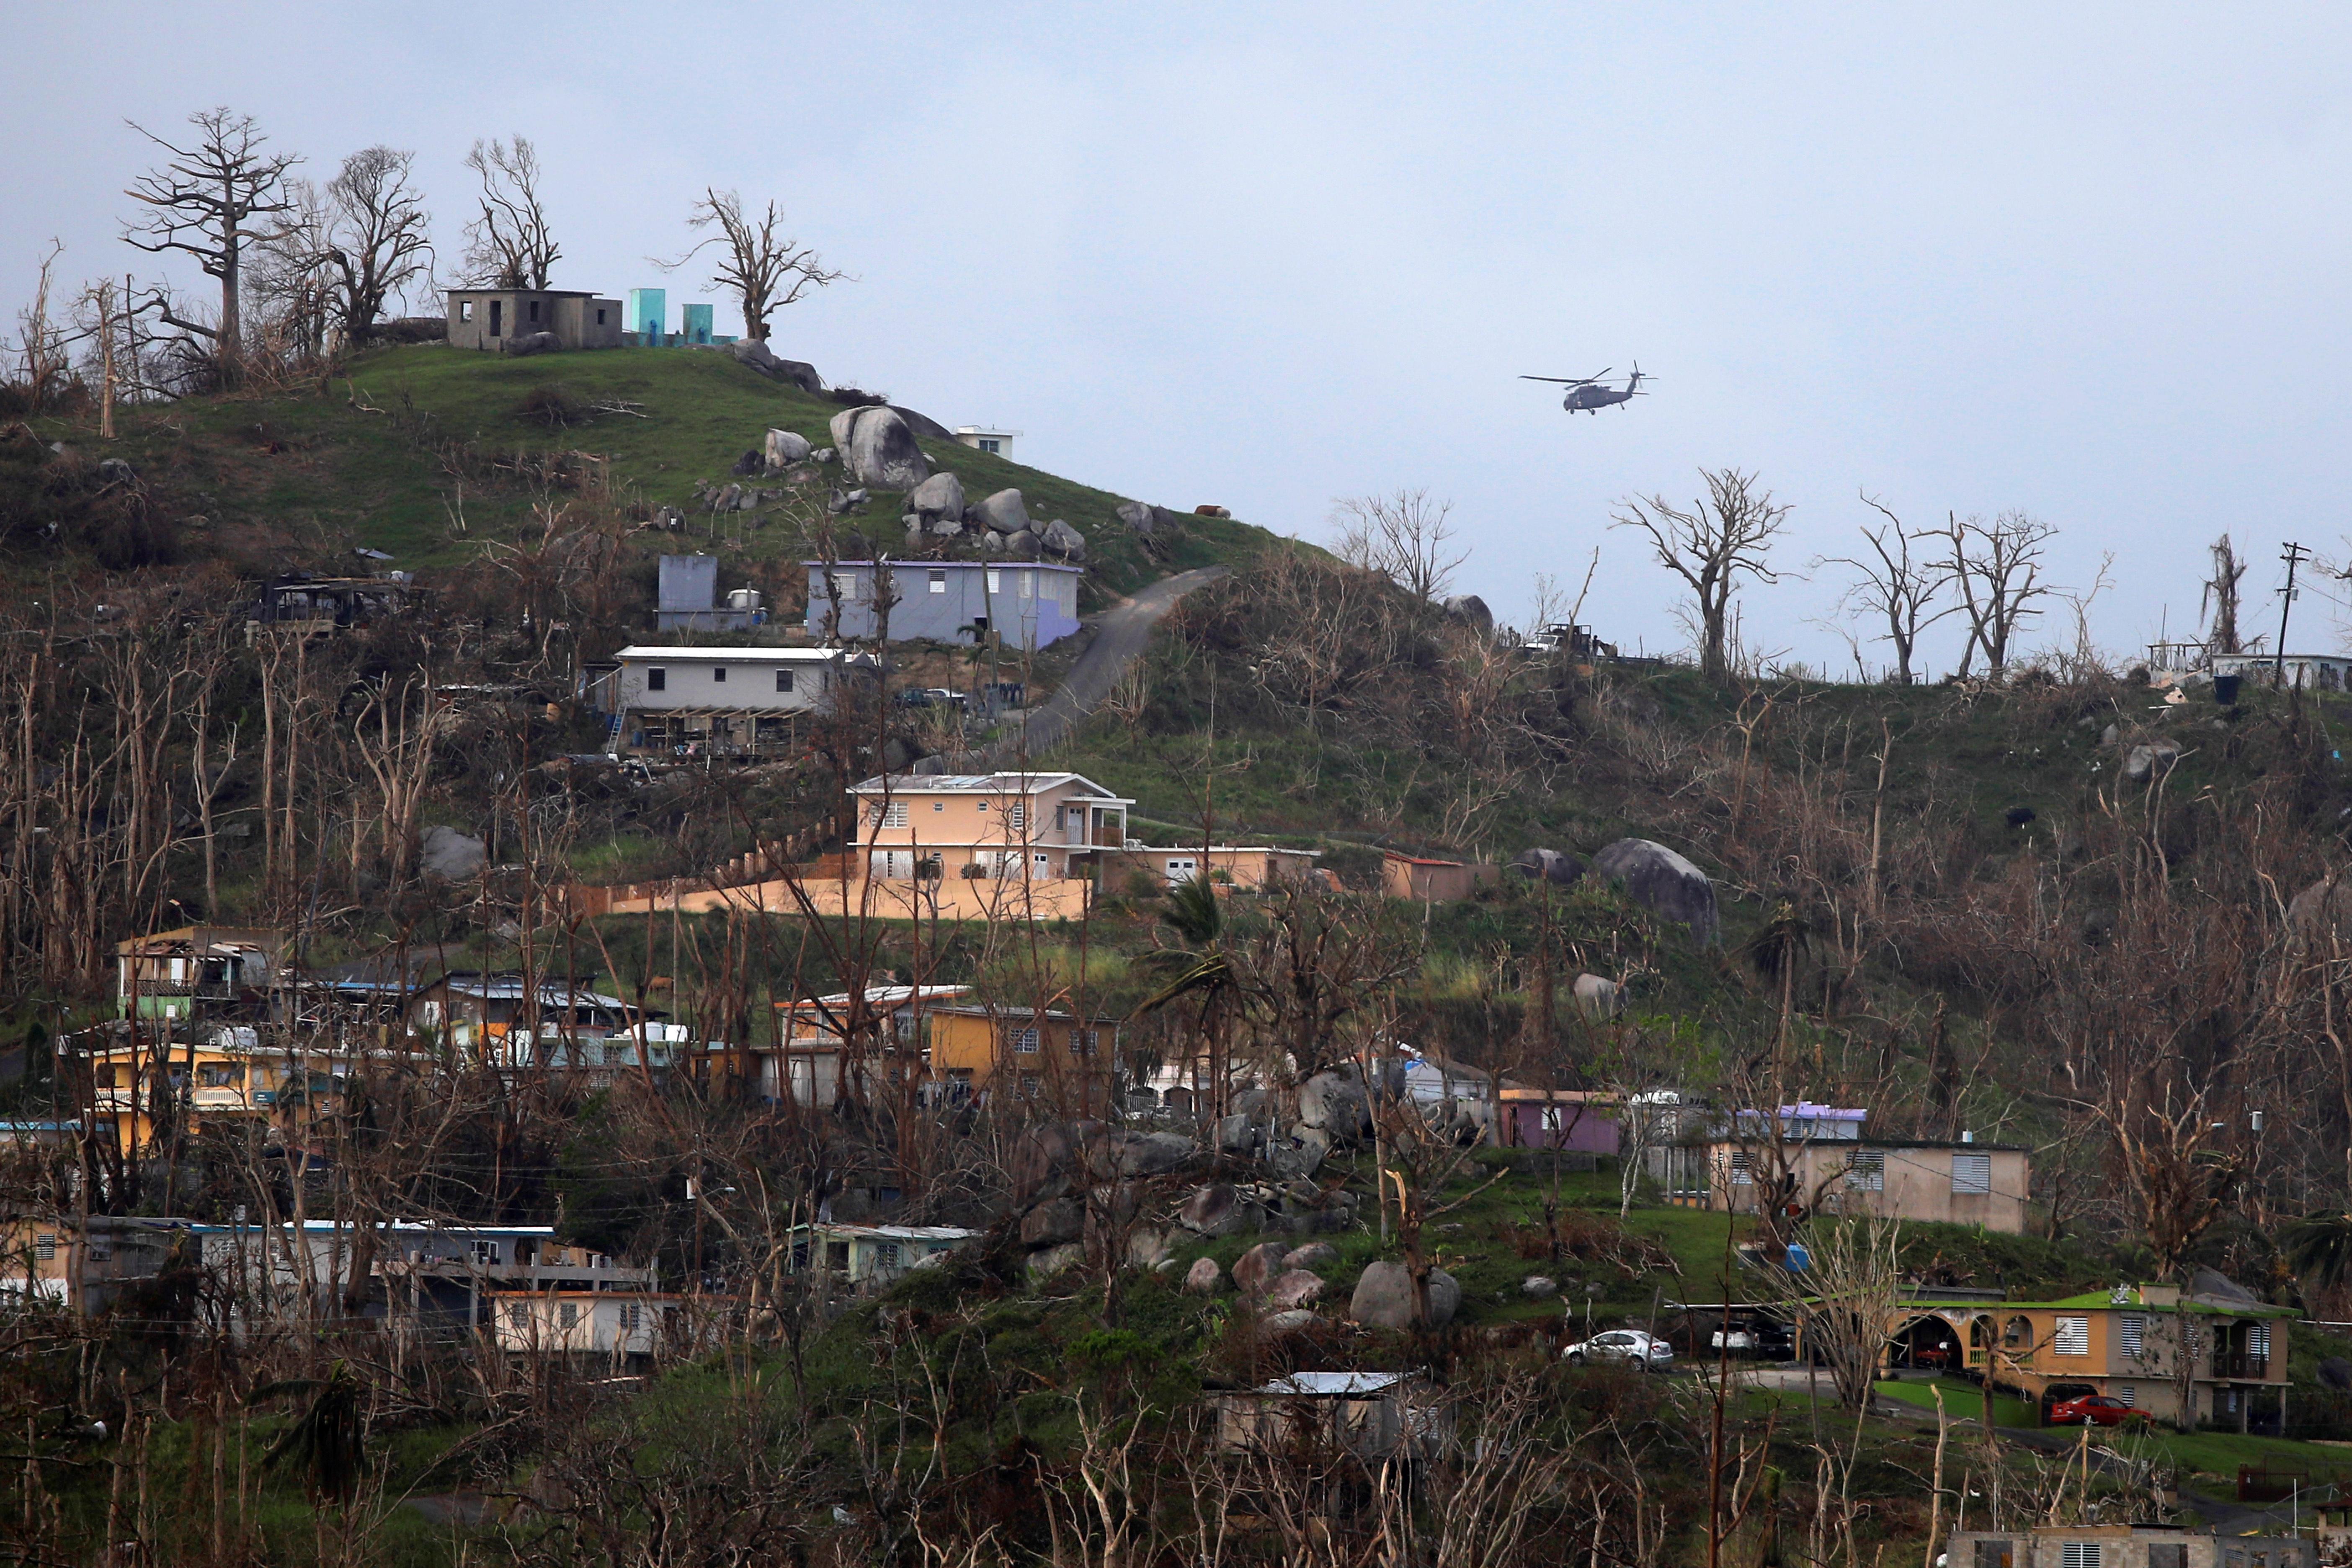 临时,露天警察局显示波多黎各的重建挑战